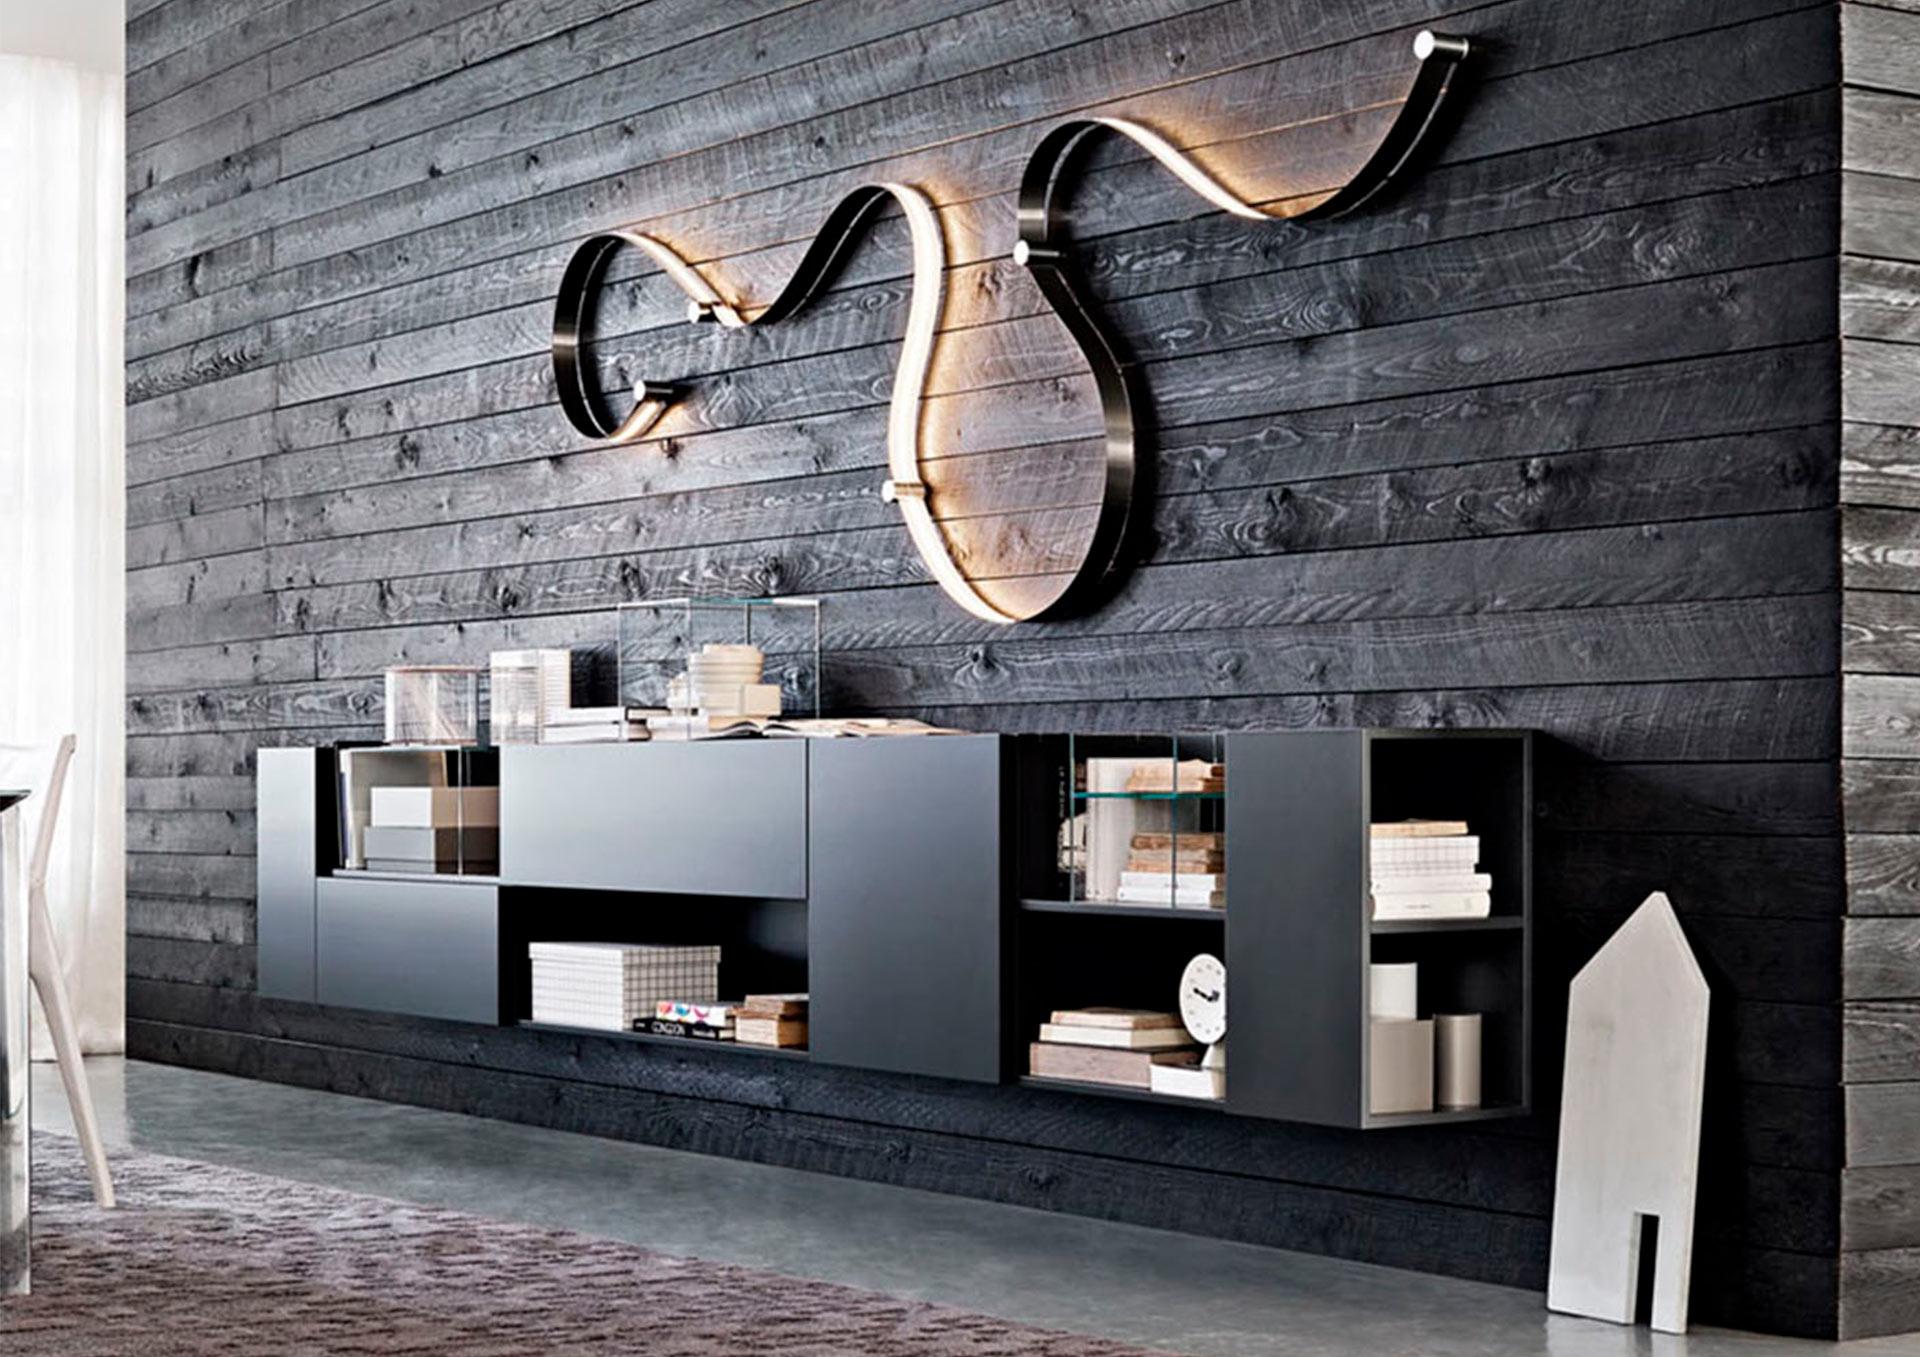 http://interno.es/wp-content/uploads/2017/05/muebles-de-diseño-y-decoracion-en-murcia.jpg